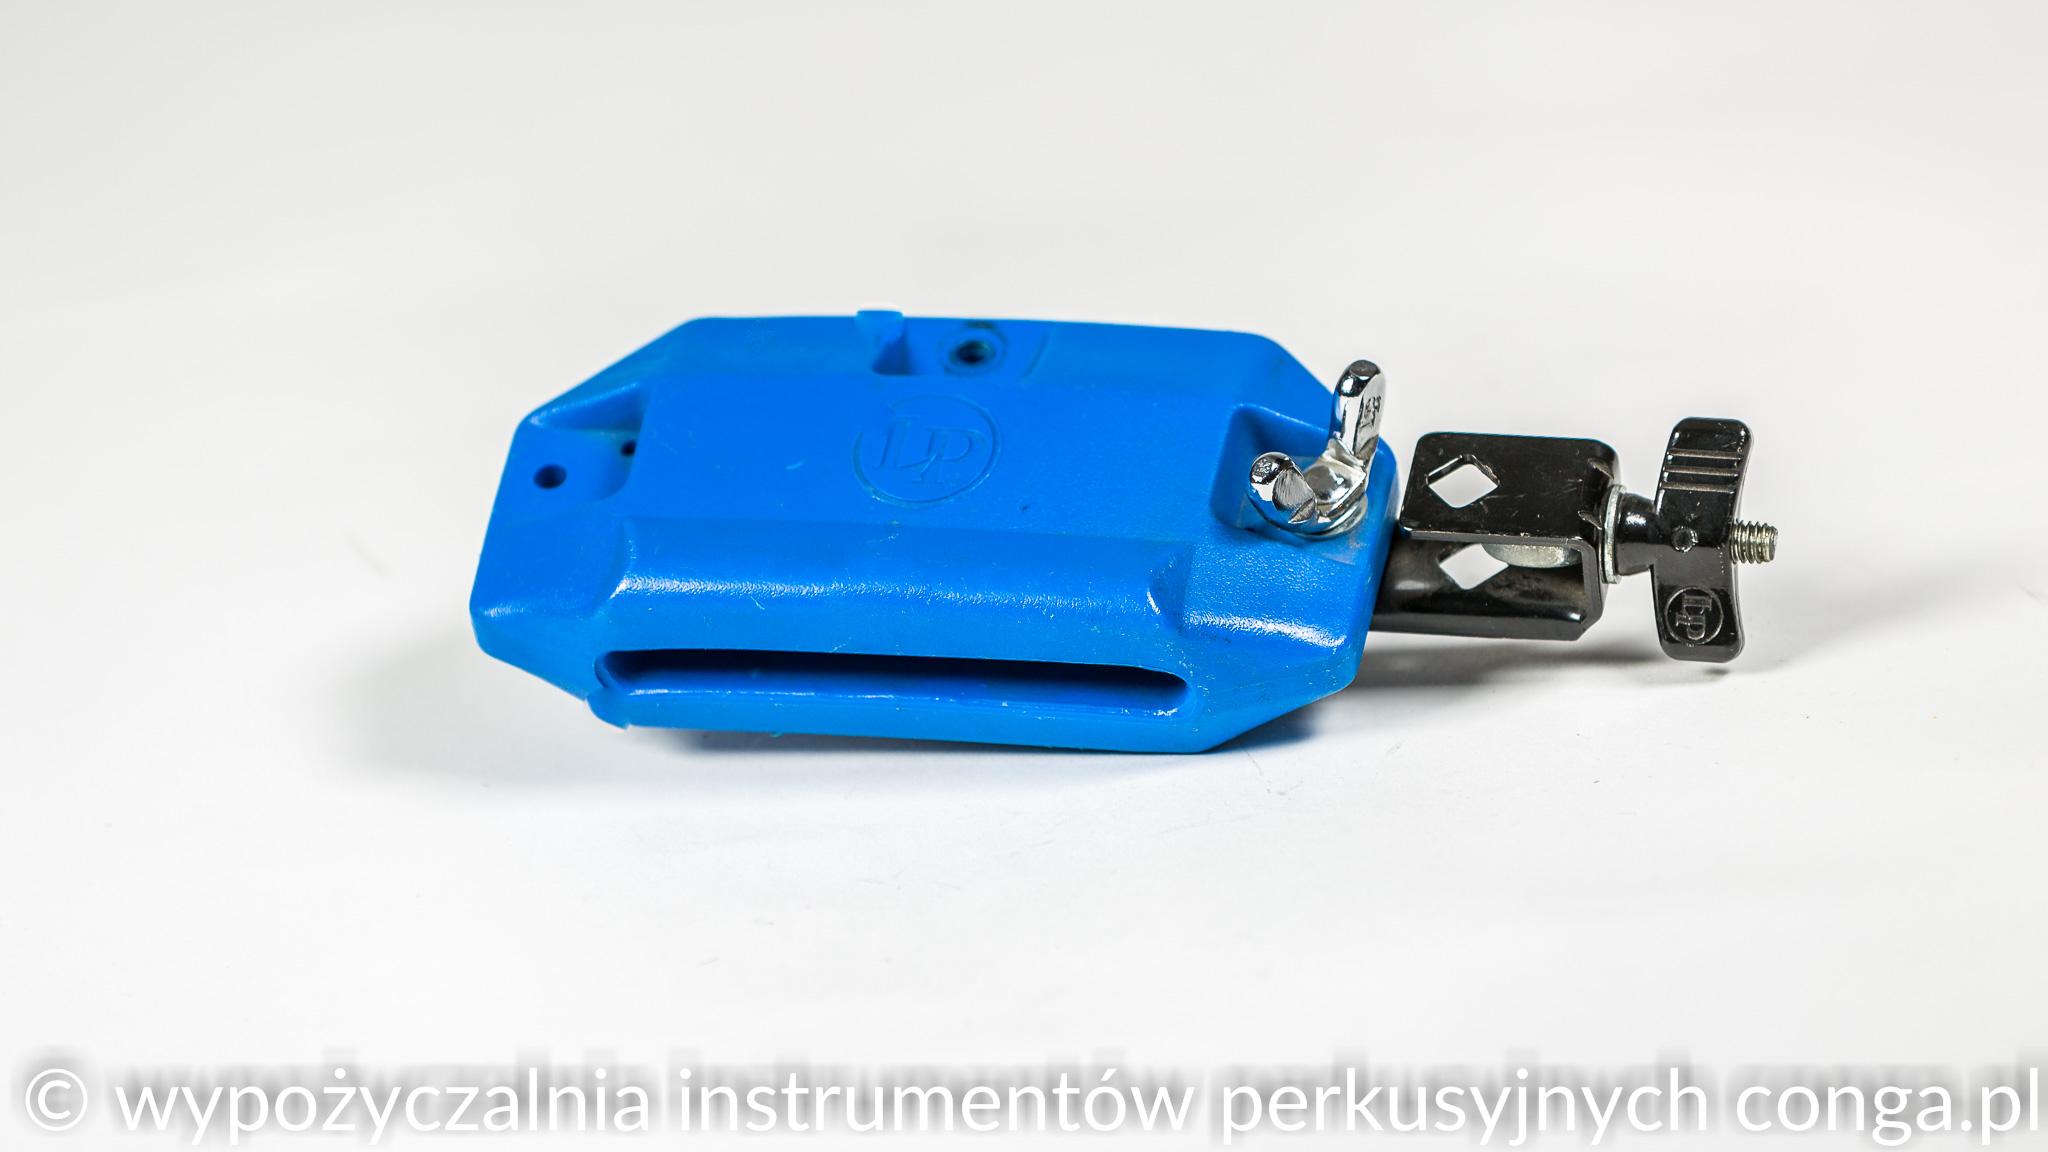 LP1205-JAM-BLOCK-HIGH---Wypożyczalnia-instrumentów-perkusyjnych--CONGA.PL0240.jpg